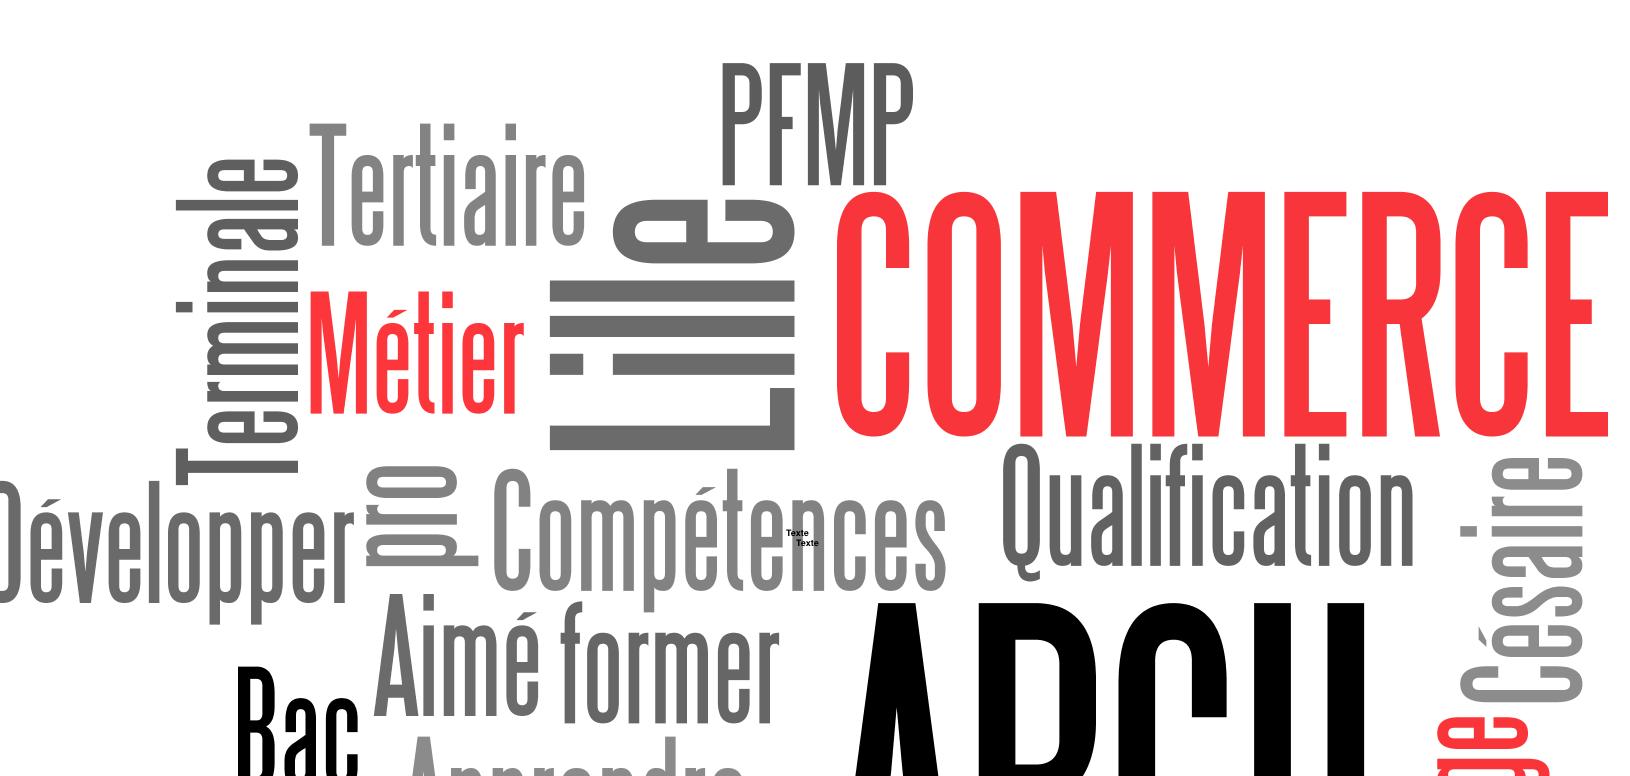 Bac Pro Commerce en PFMP à l'étranger